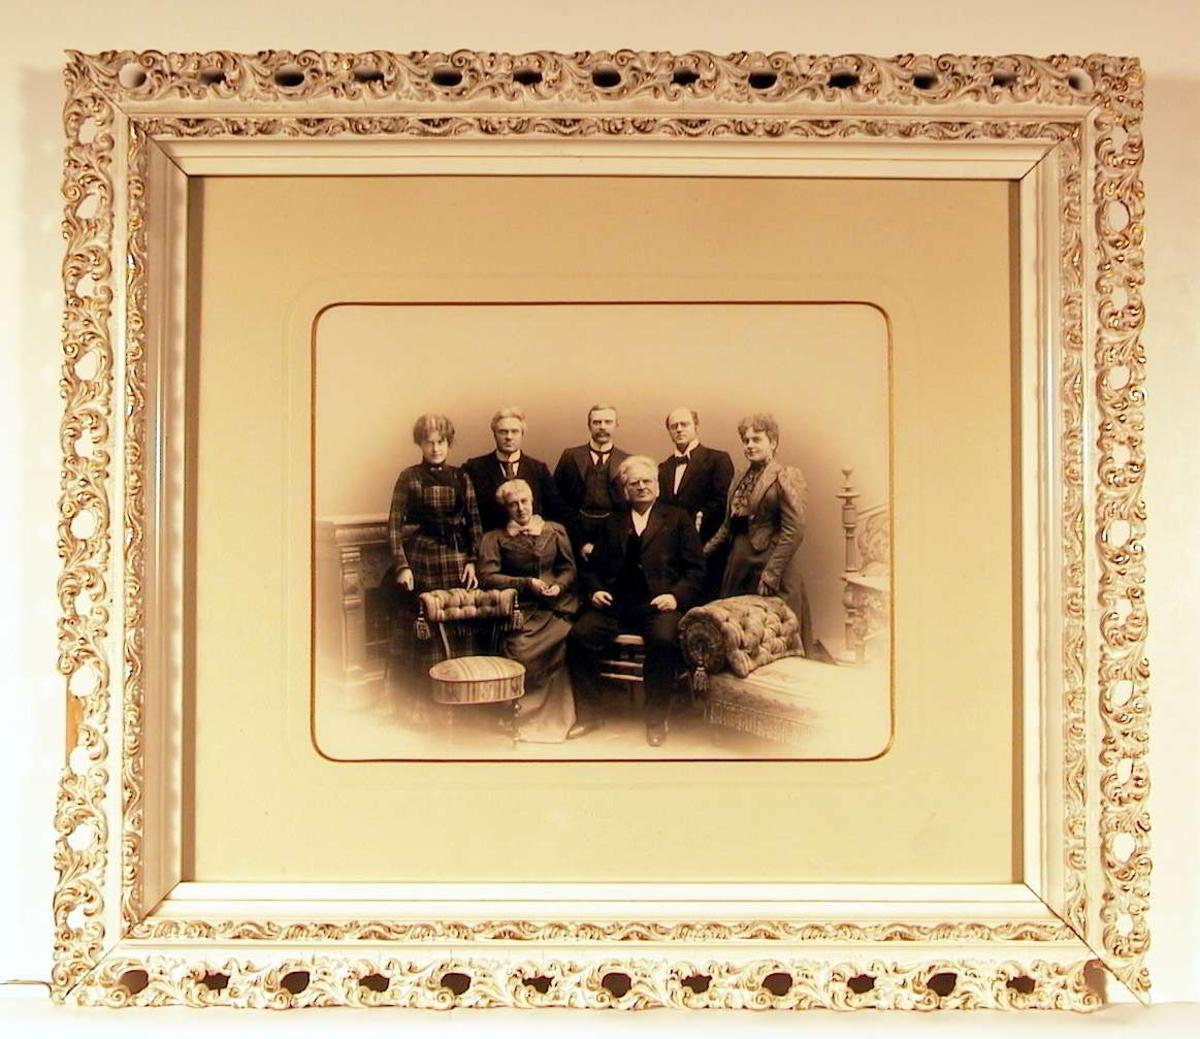 Familieportrett: mor og far sitter i stoler foran, bak i midten de tre sønner, og de to døtre på hver sin side innrammer bilde. Alle ser direkte på betrakteren.